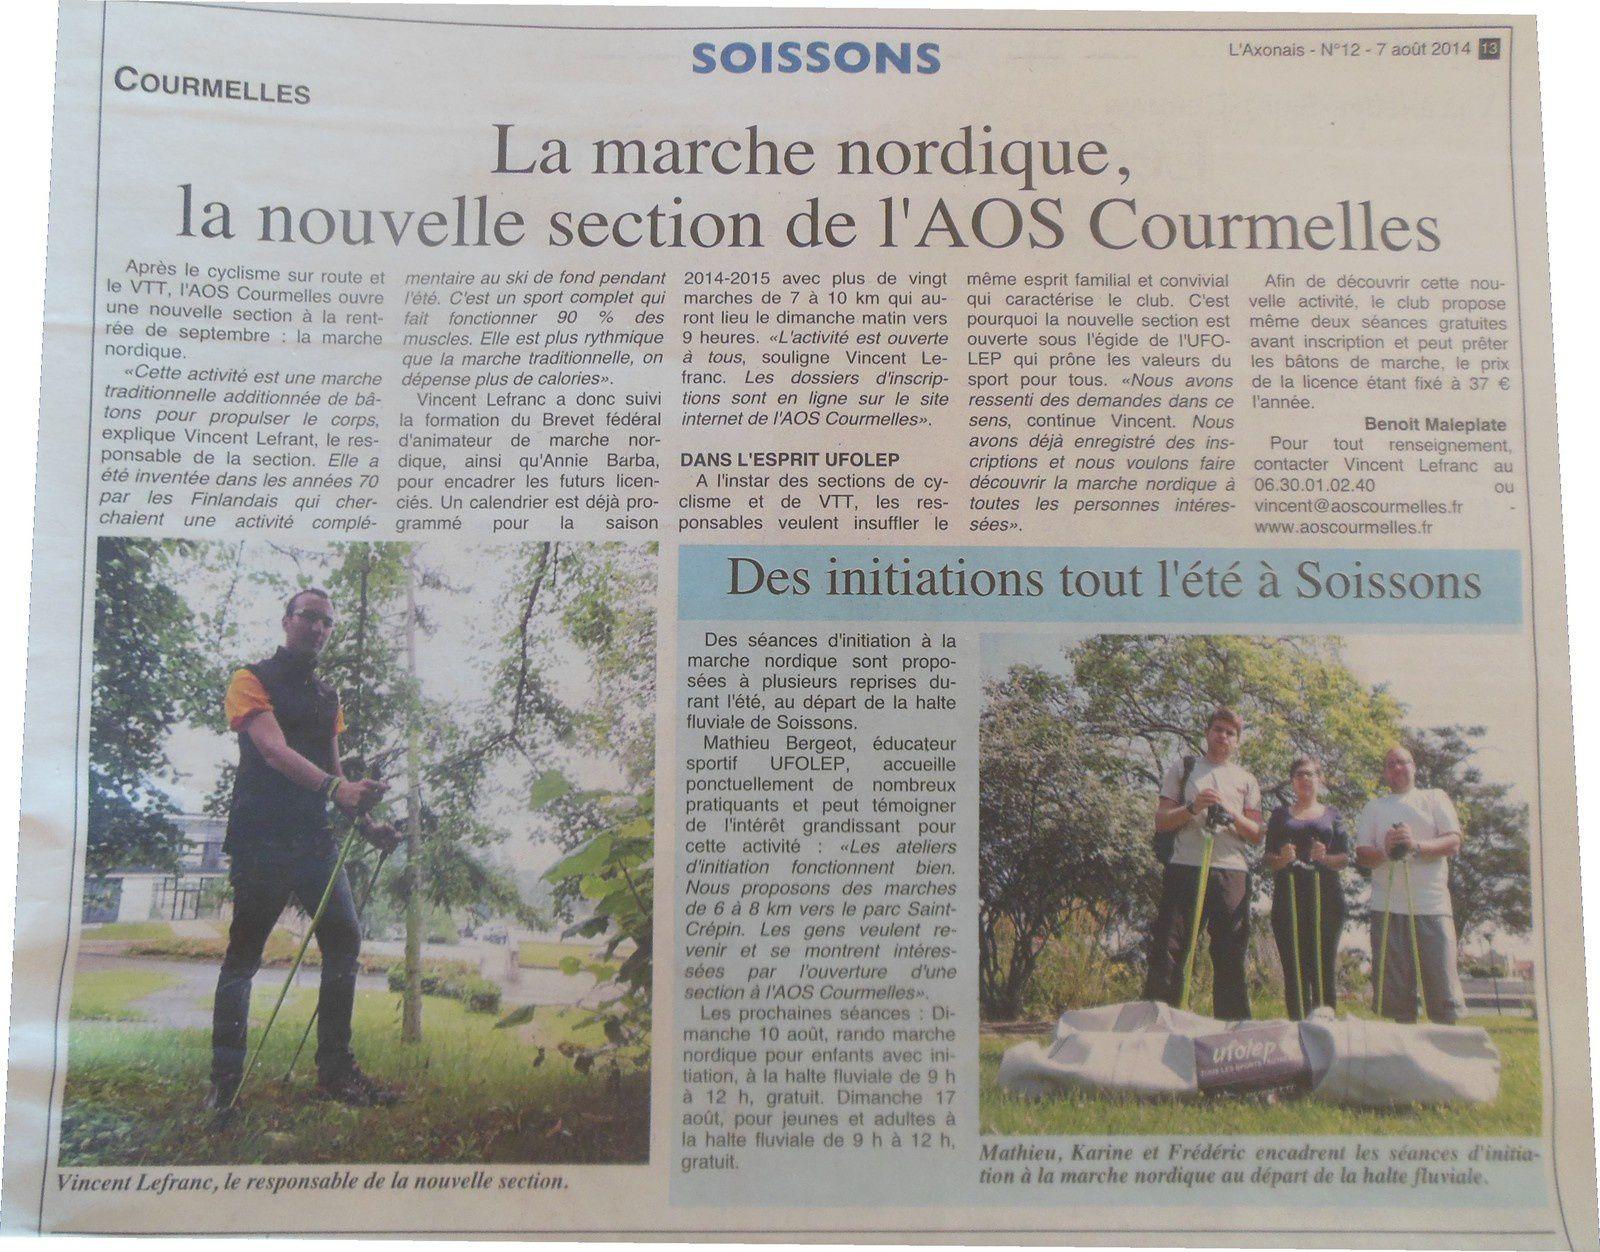 L'Axonais - Edition du 07/08/14